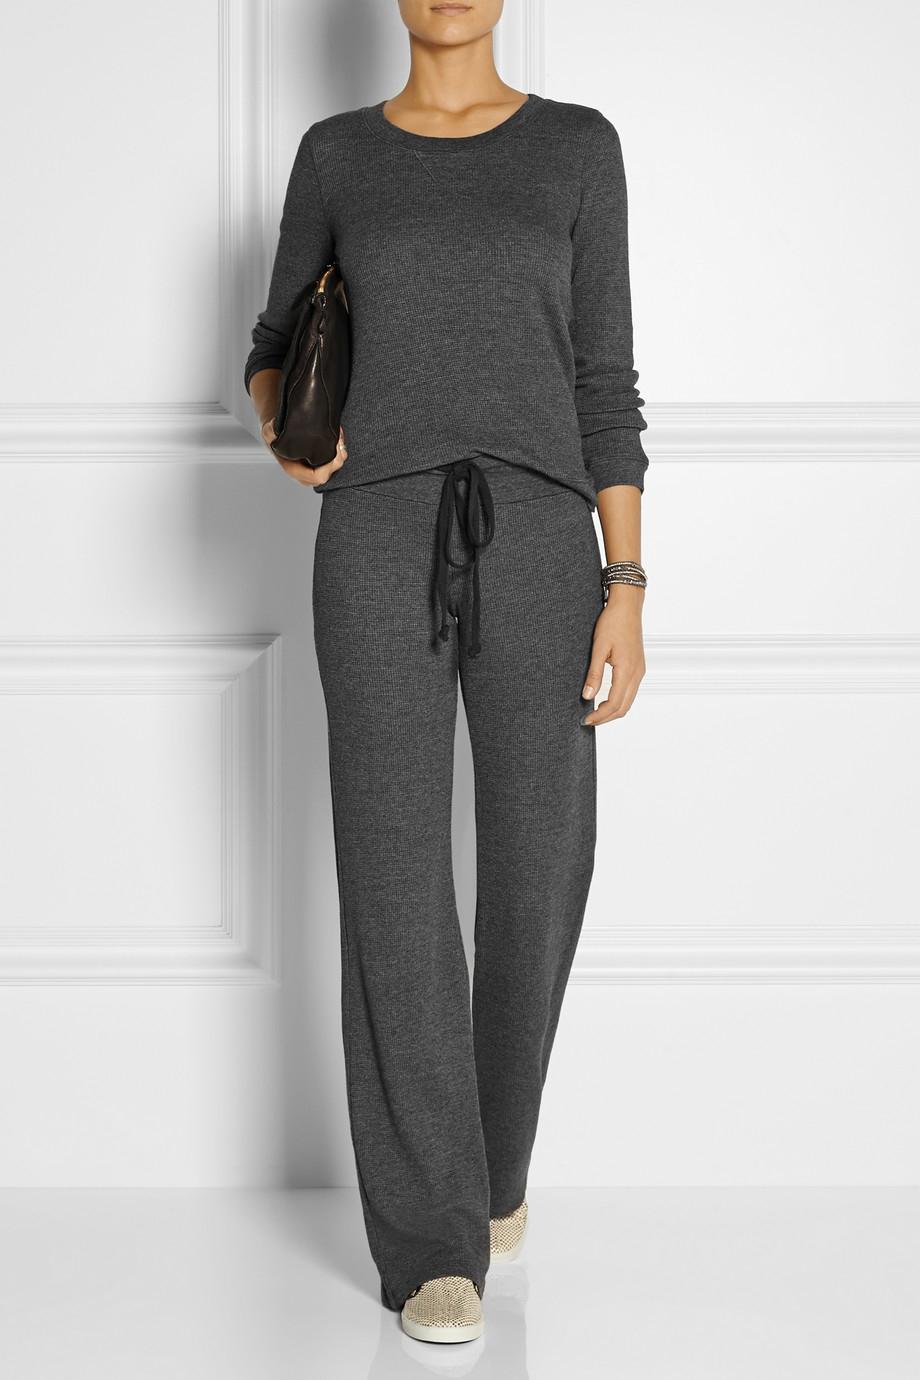 Splendid Waffle-Knit Stretch-Jersey Wide-Leg Pants in Gray | Lyst